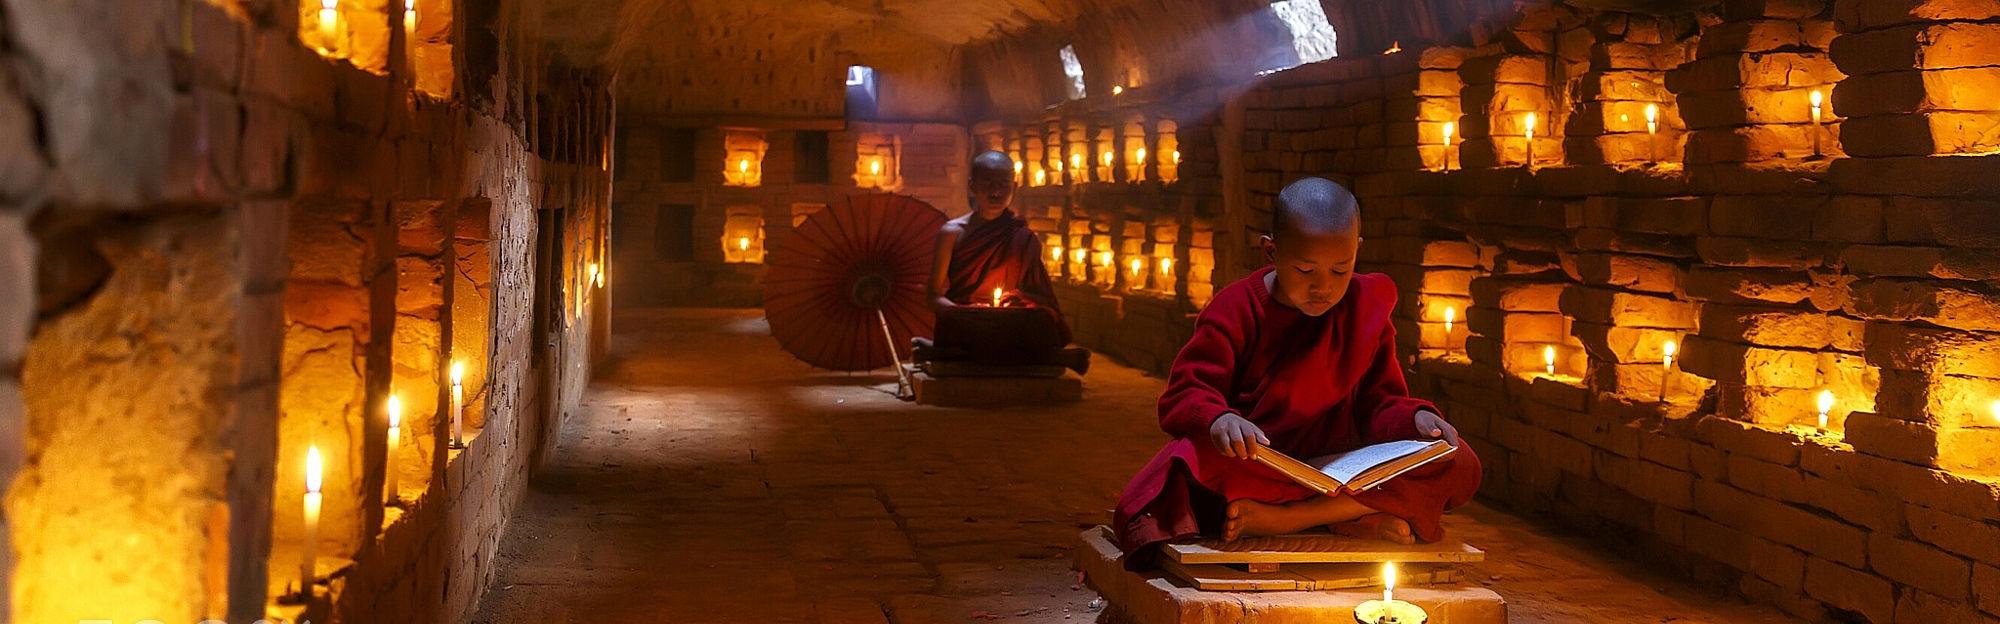 voyage sur mesure en birmanie